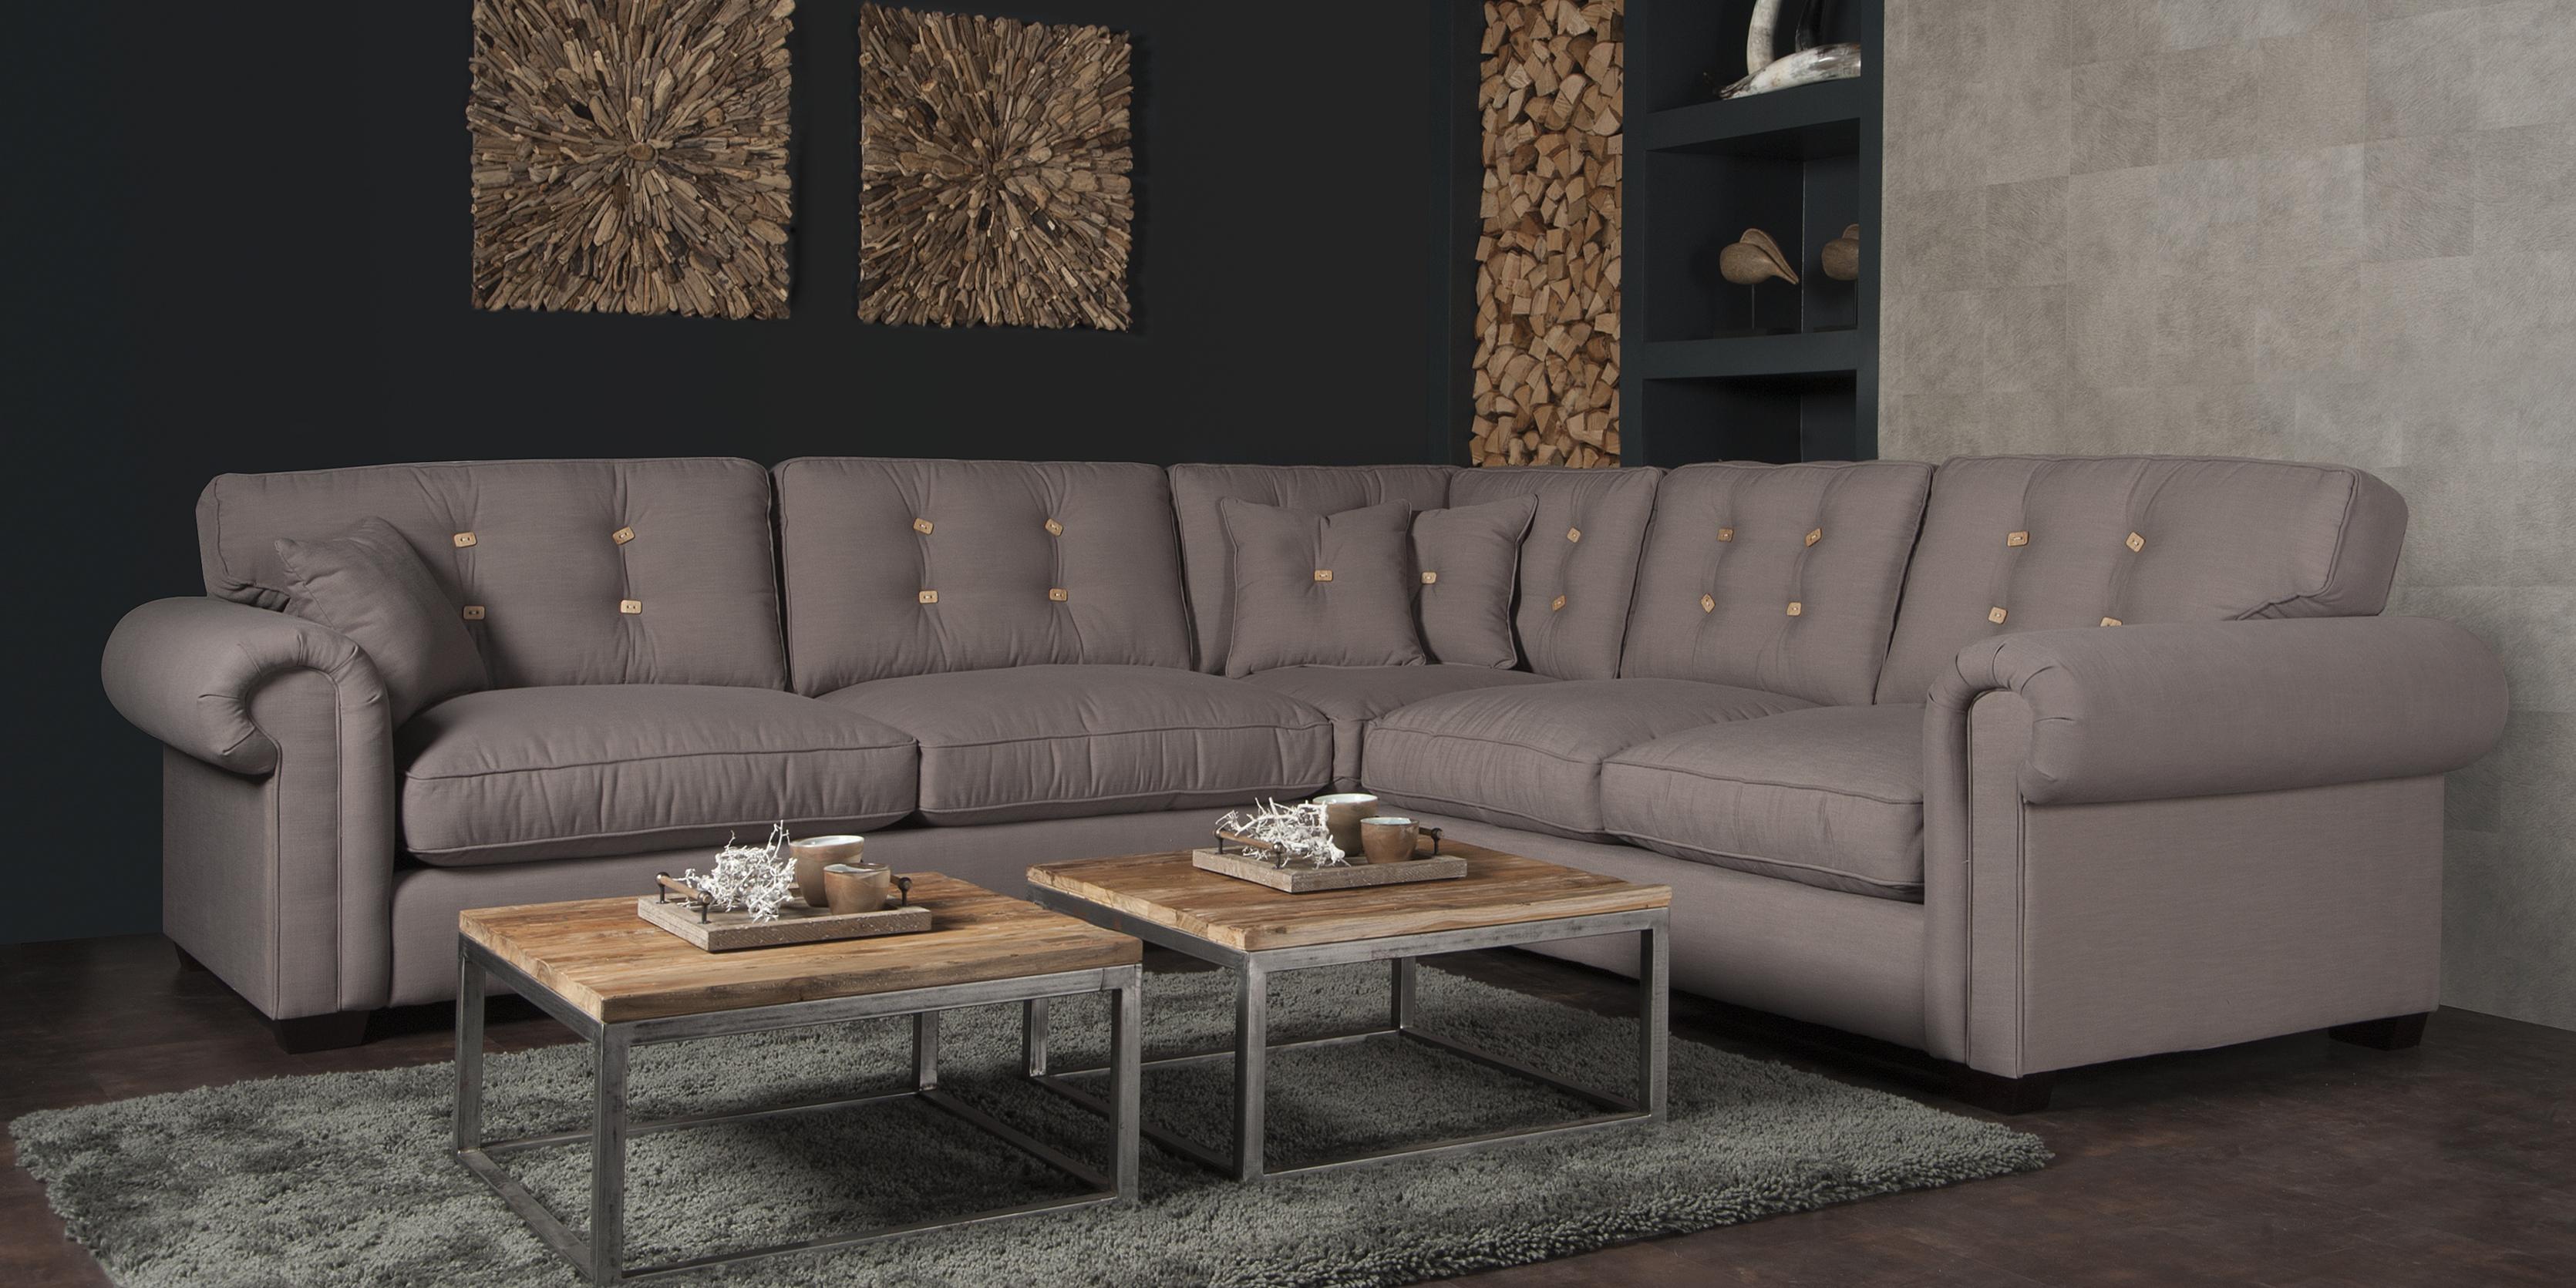 Enfin les canapé urbain!!!